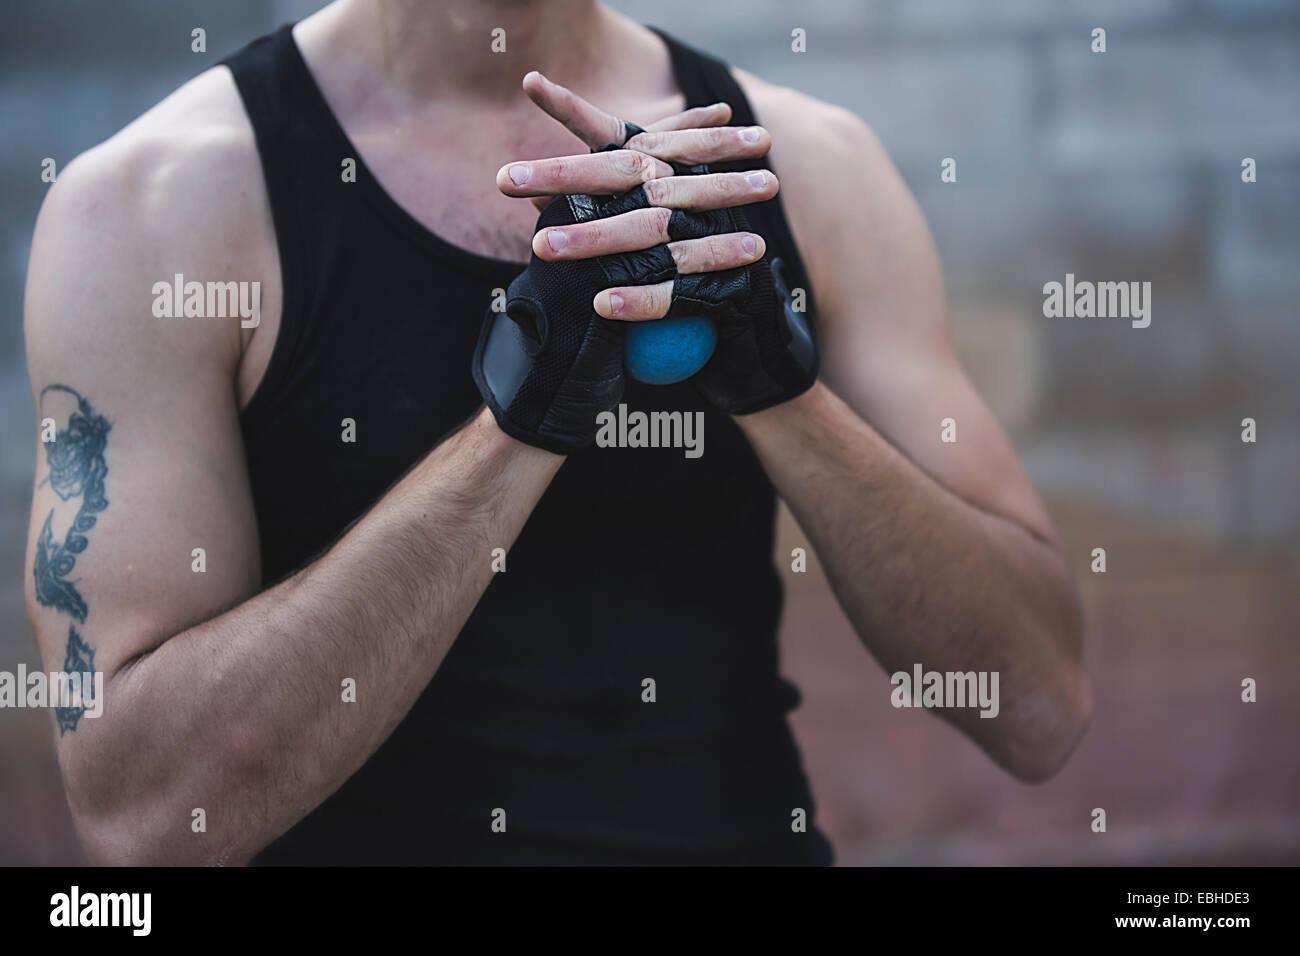 Ritagliato colpo di maschile giovane giocatore di pallamano sfera di schiacciamento Immagini Stock